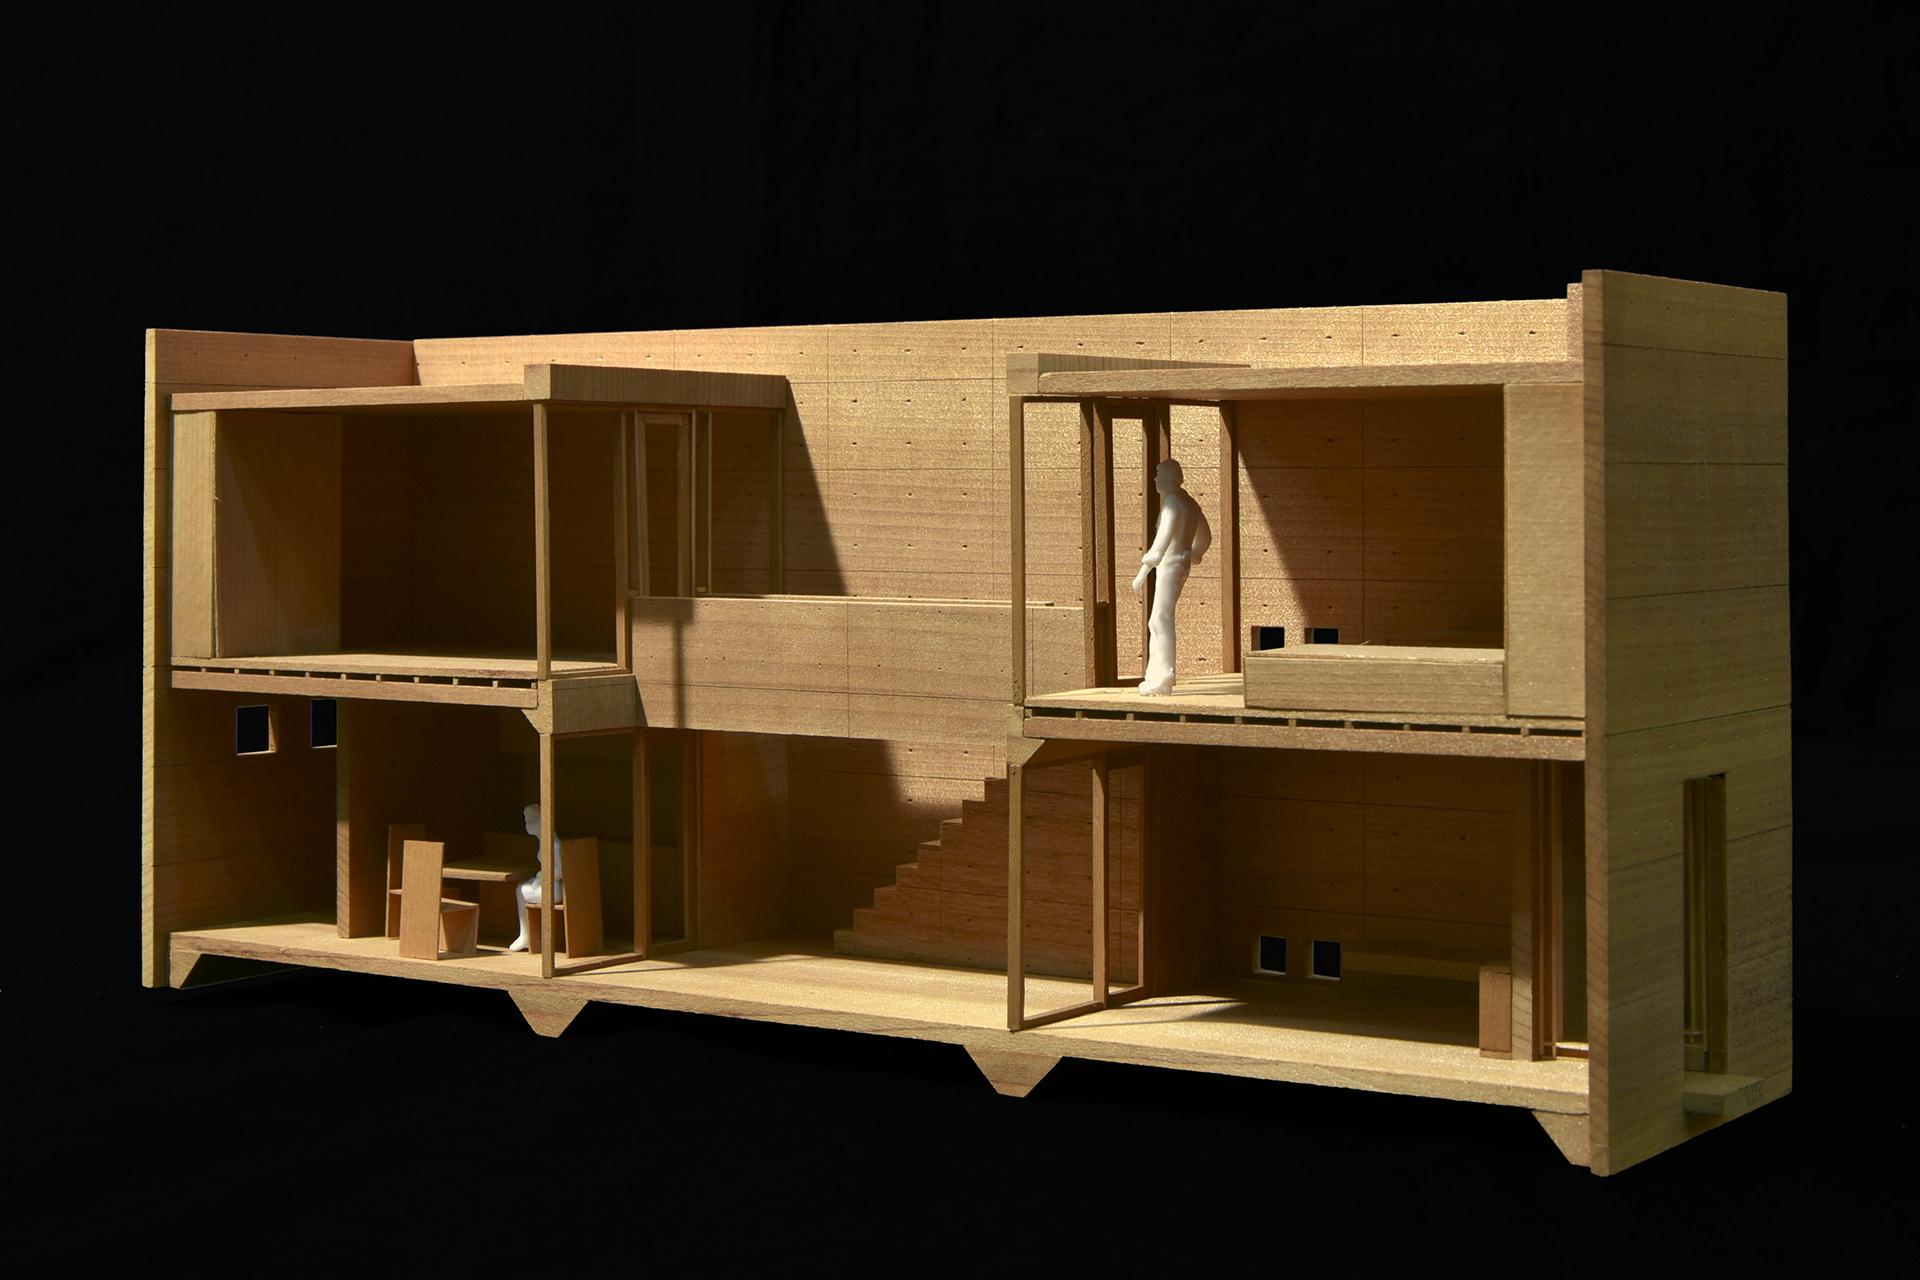 住吉の長屋(大阪市) 模型